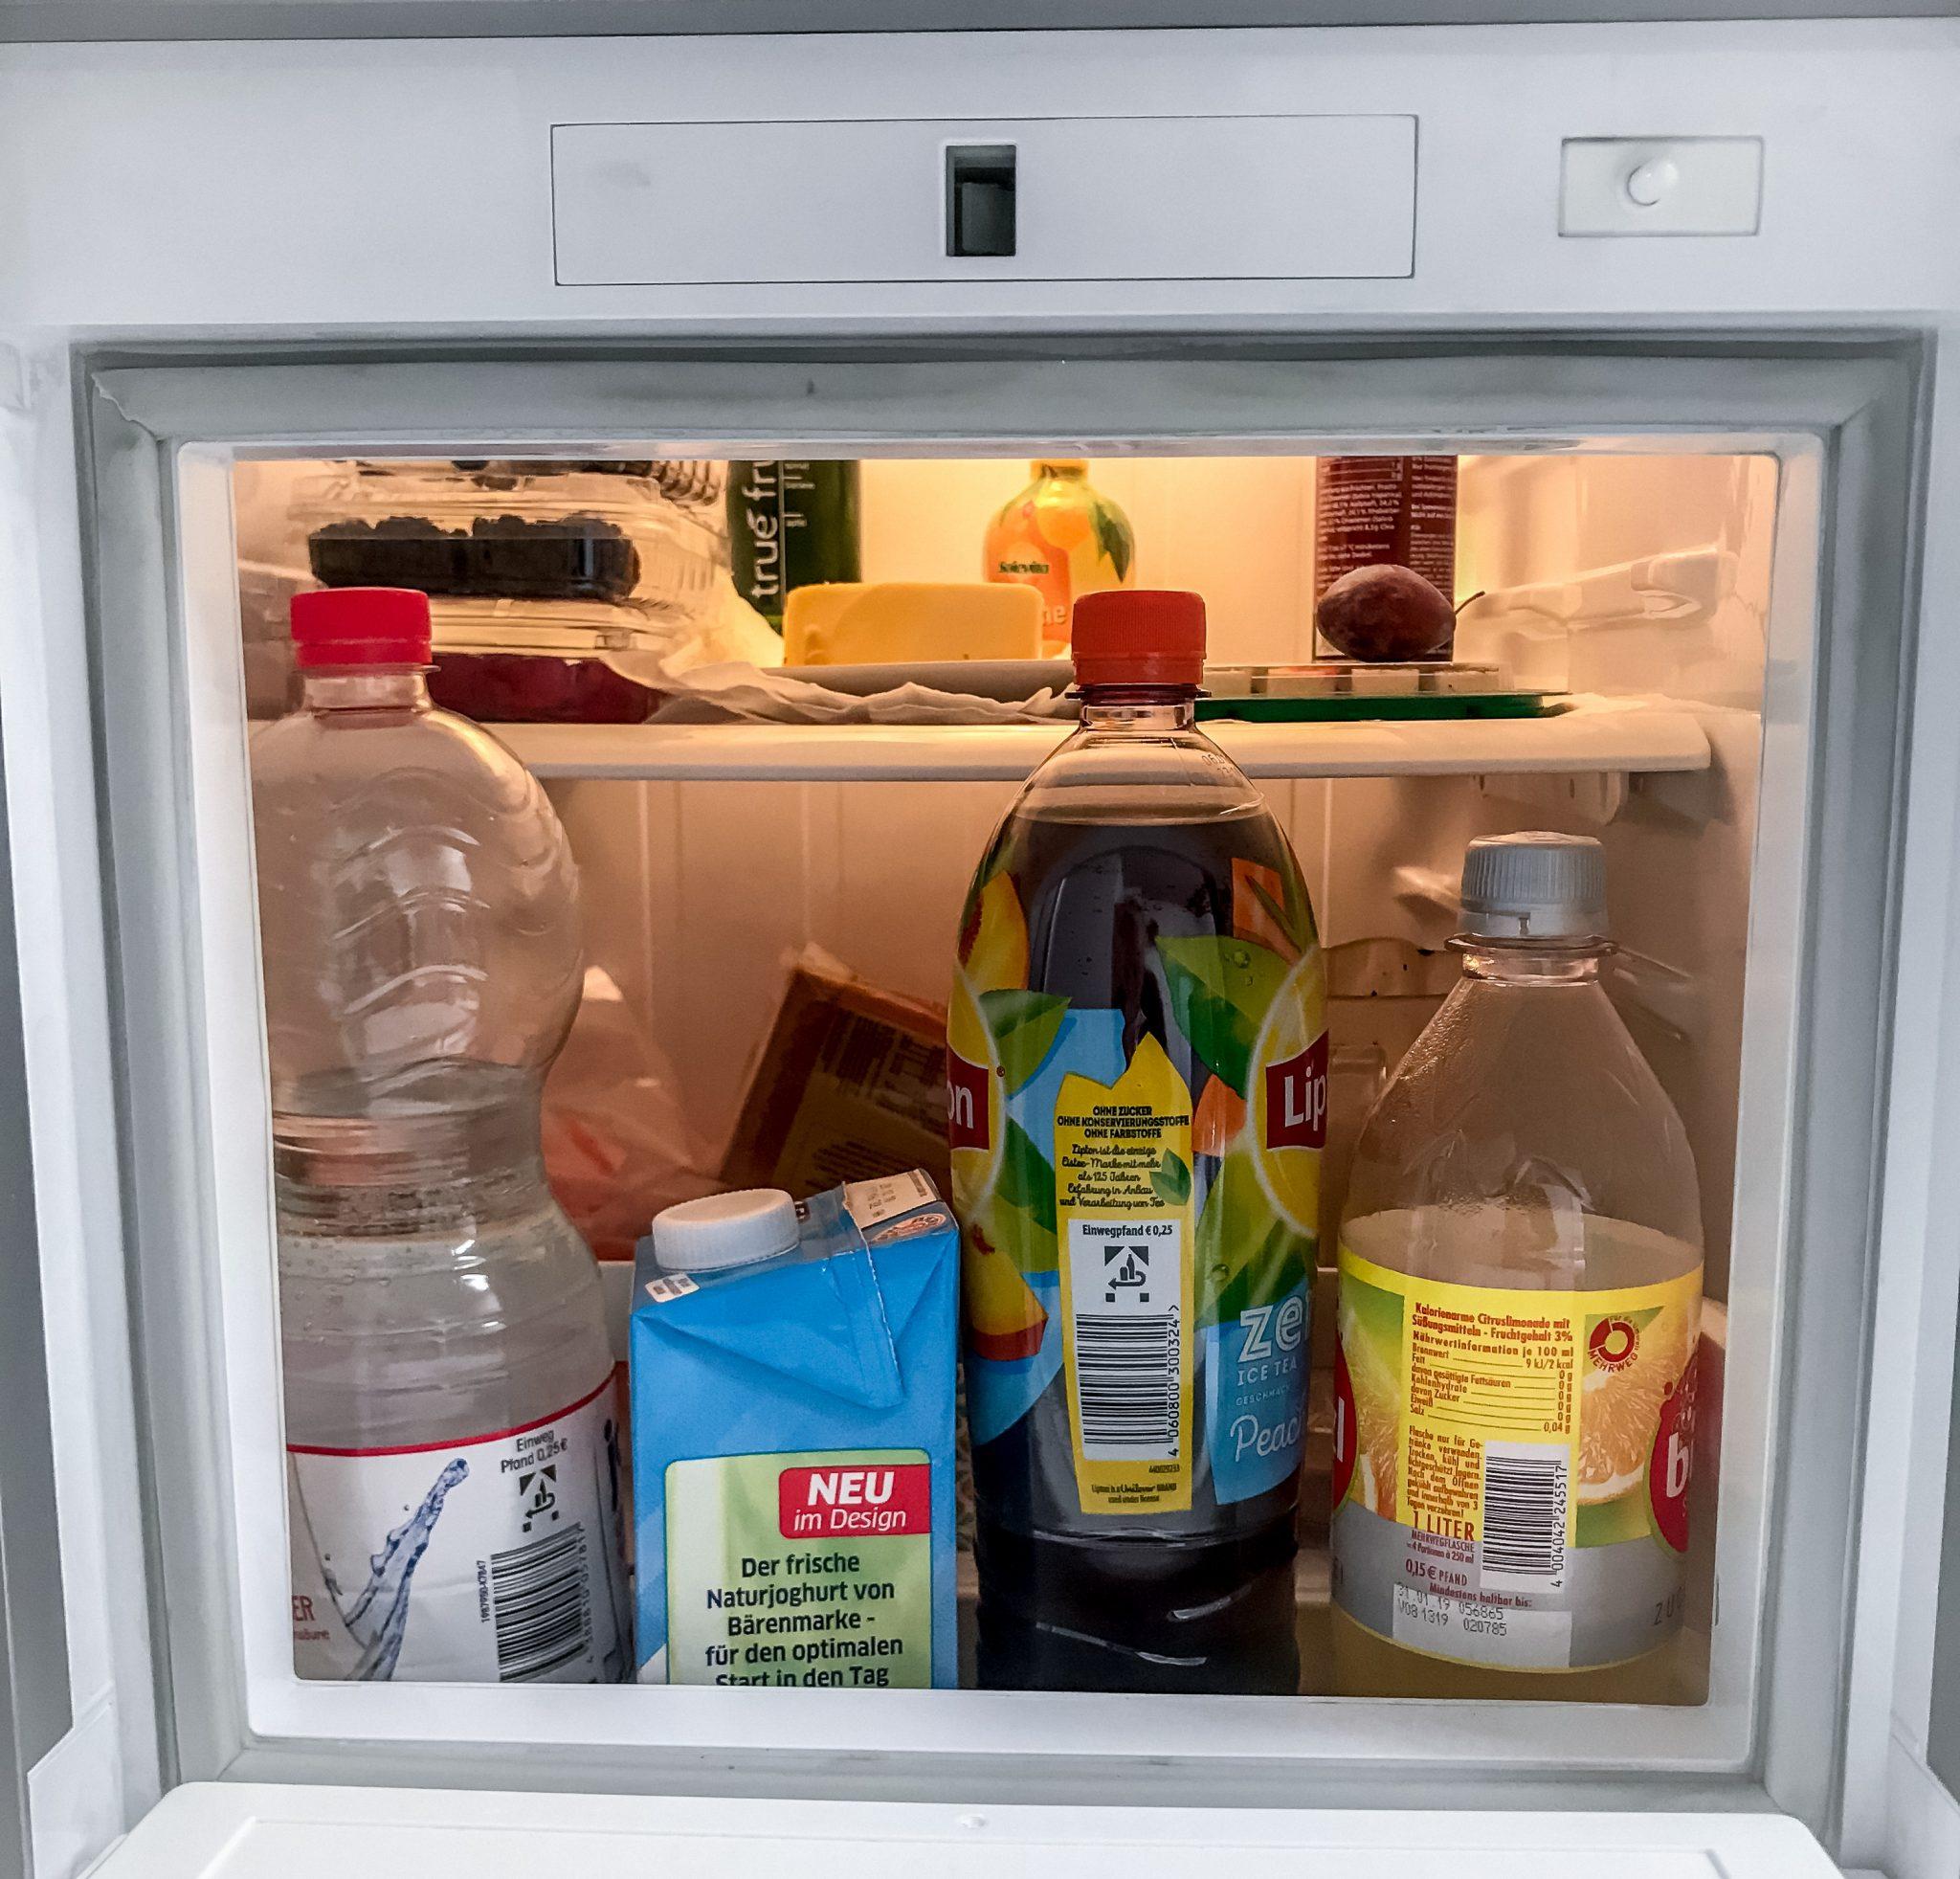 Der bereitgestellte Kühlschrank vom Hostel kann oft sehr chaotisch sein, deshalb schreib unbedingt deinen Namen auf deine Lebensmittel.